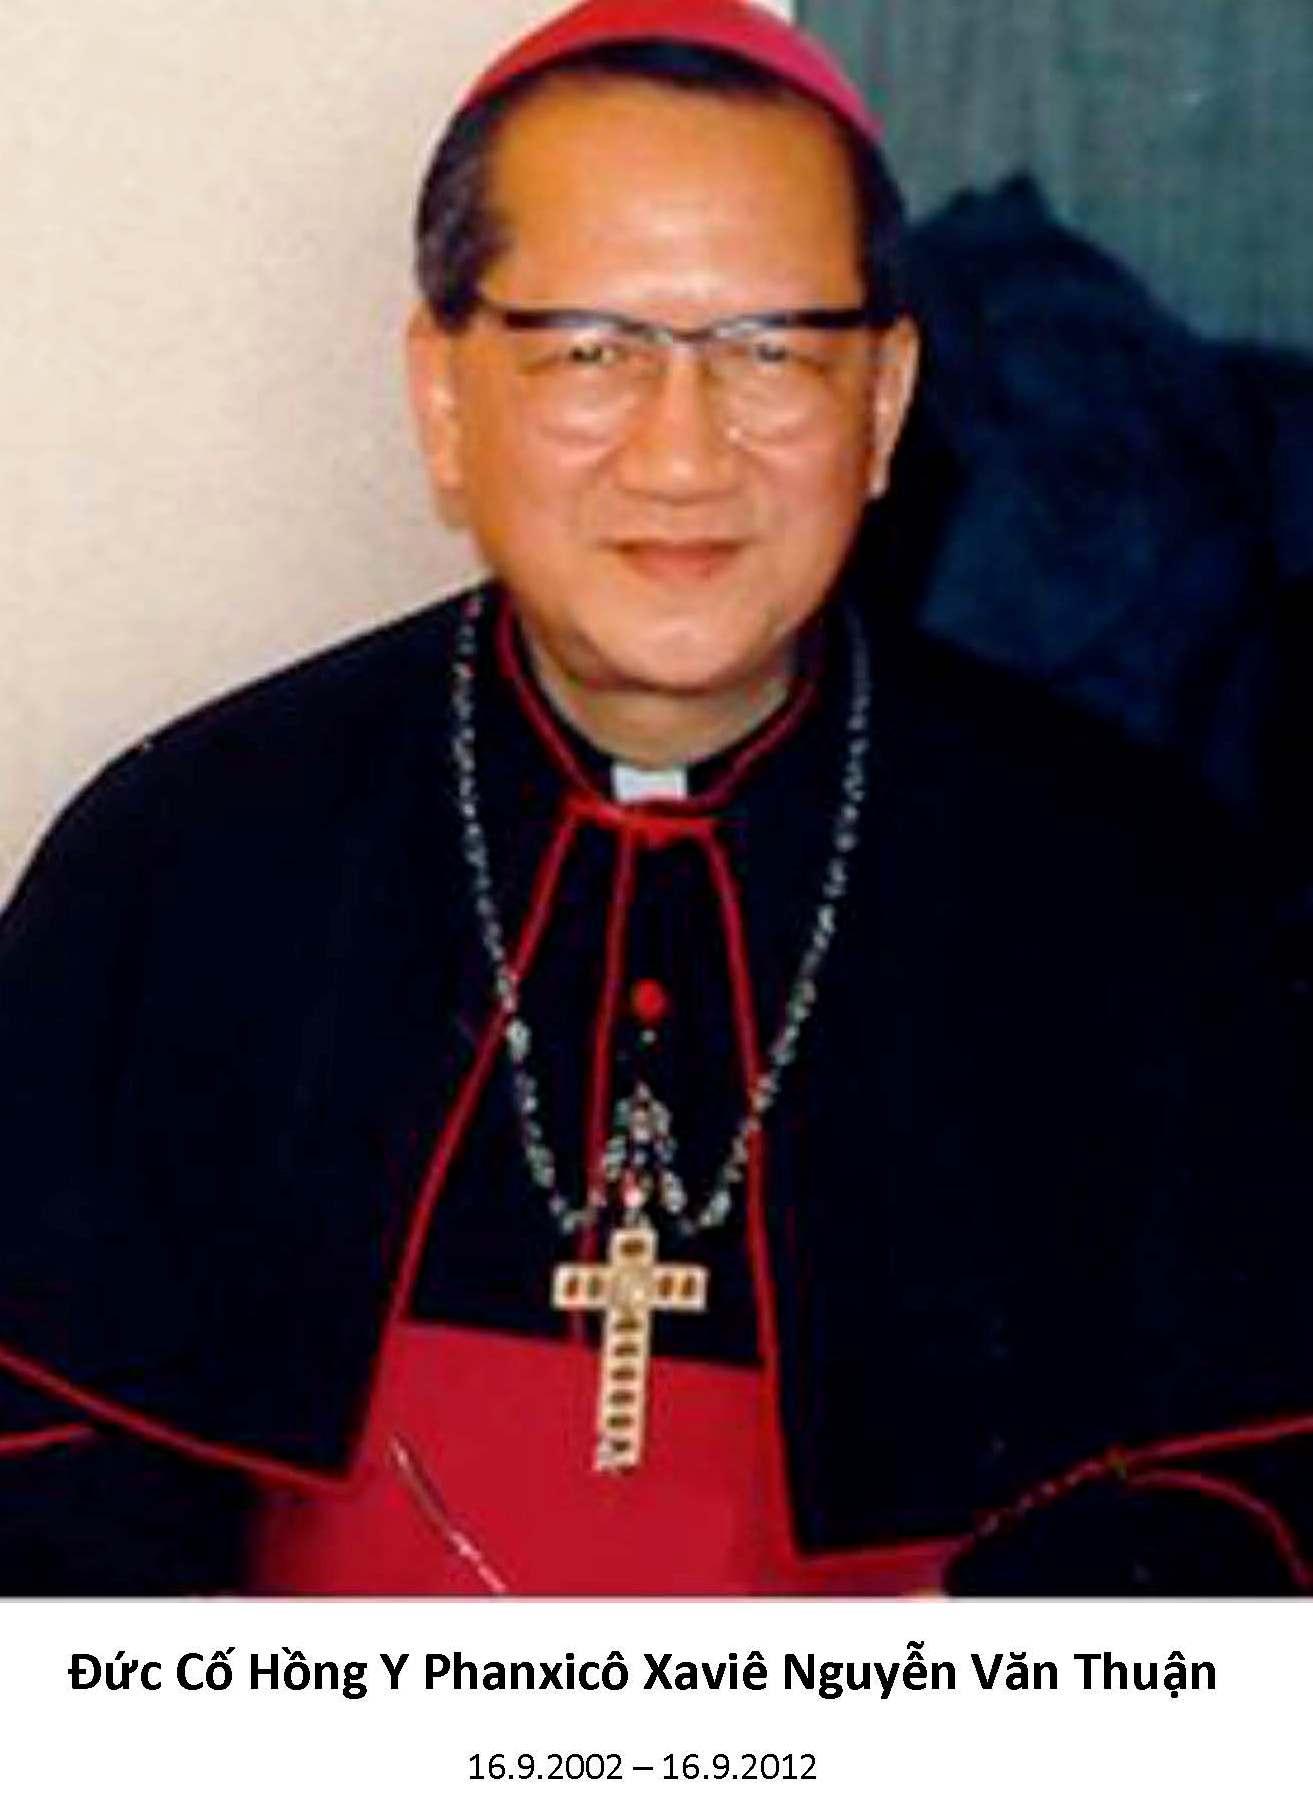 Hình Ảnh Mừng Lễ kỷ niệm 11 năm ngày Thiên Chúa gọi Đức Cố Hồng Y Phanxicô Xaviê Nguyễn Văn Thuận, Tôi tớ Chúa, ra khỏi thế gian ngày 16/9/2013